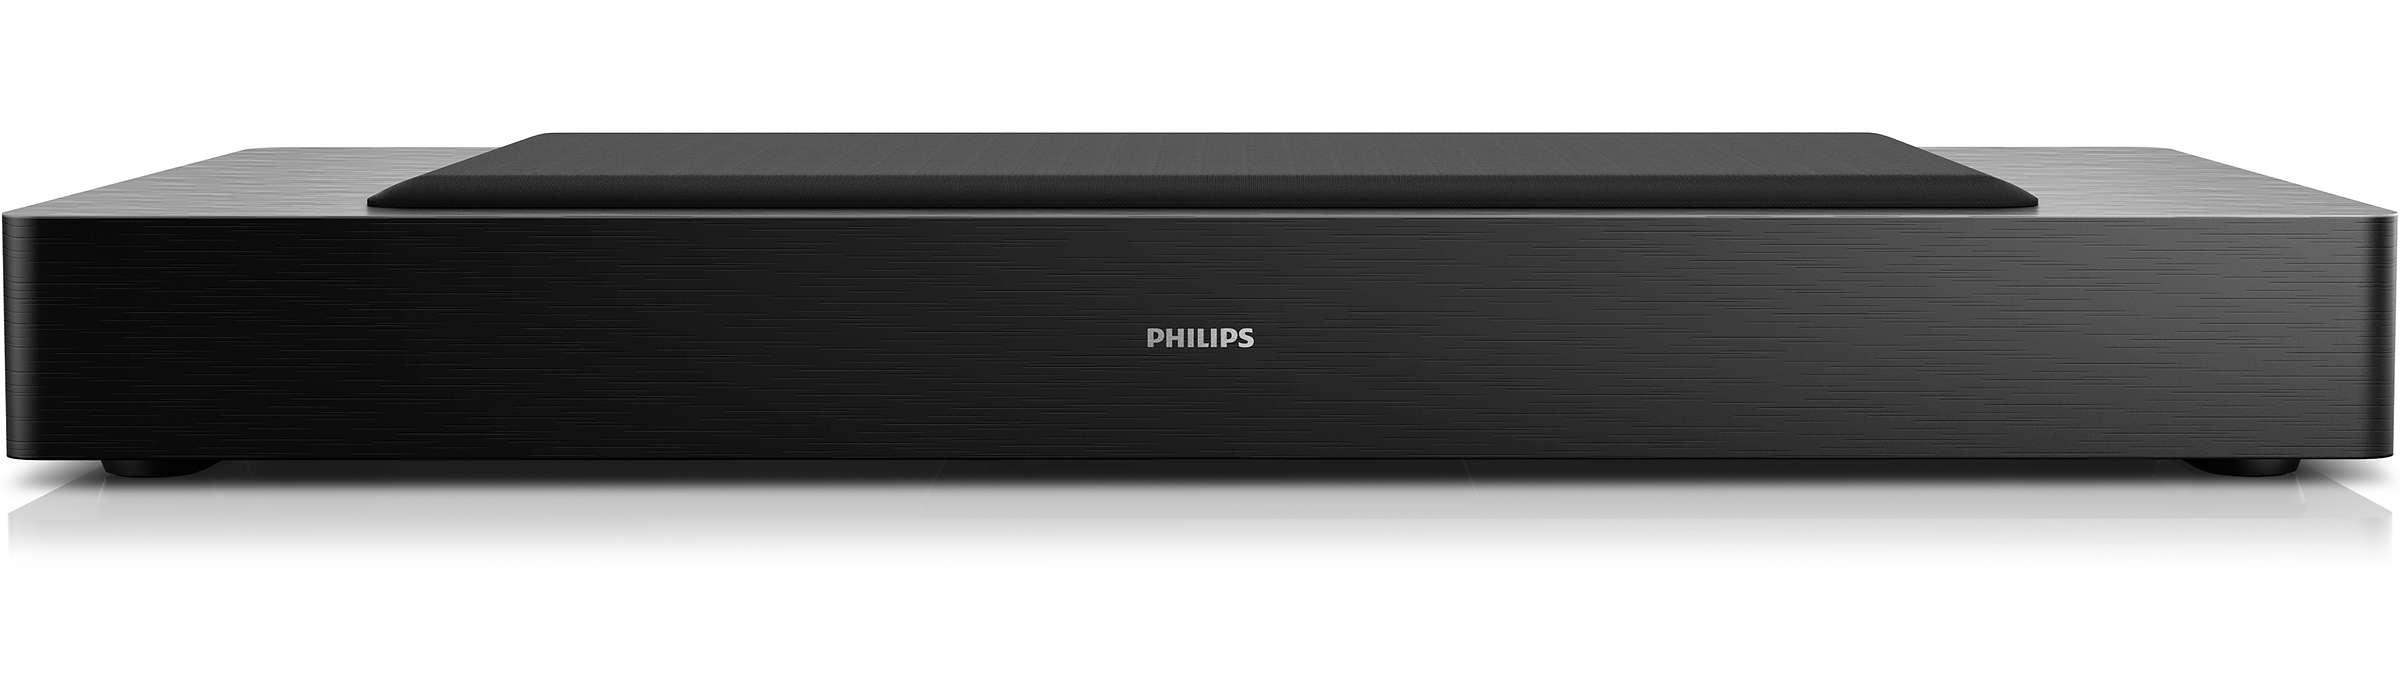 Aumenta los graves en tu televisor Philips